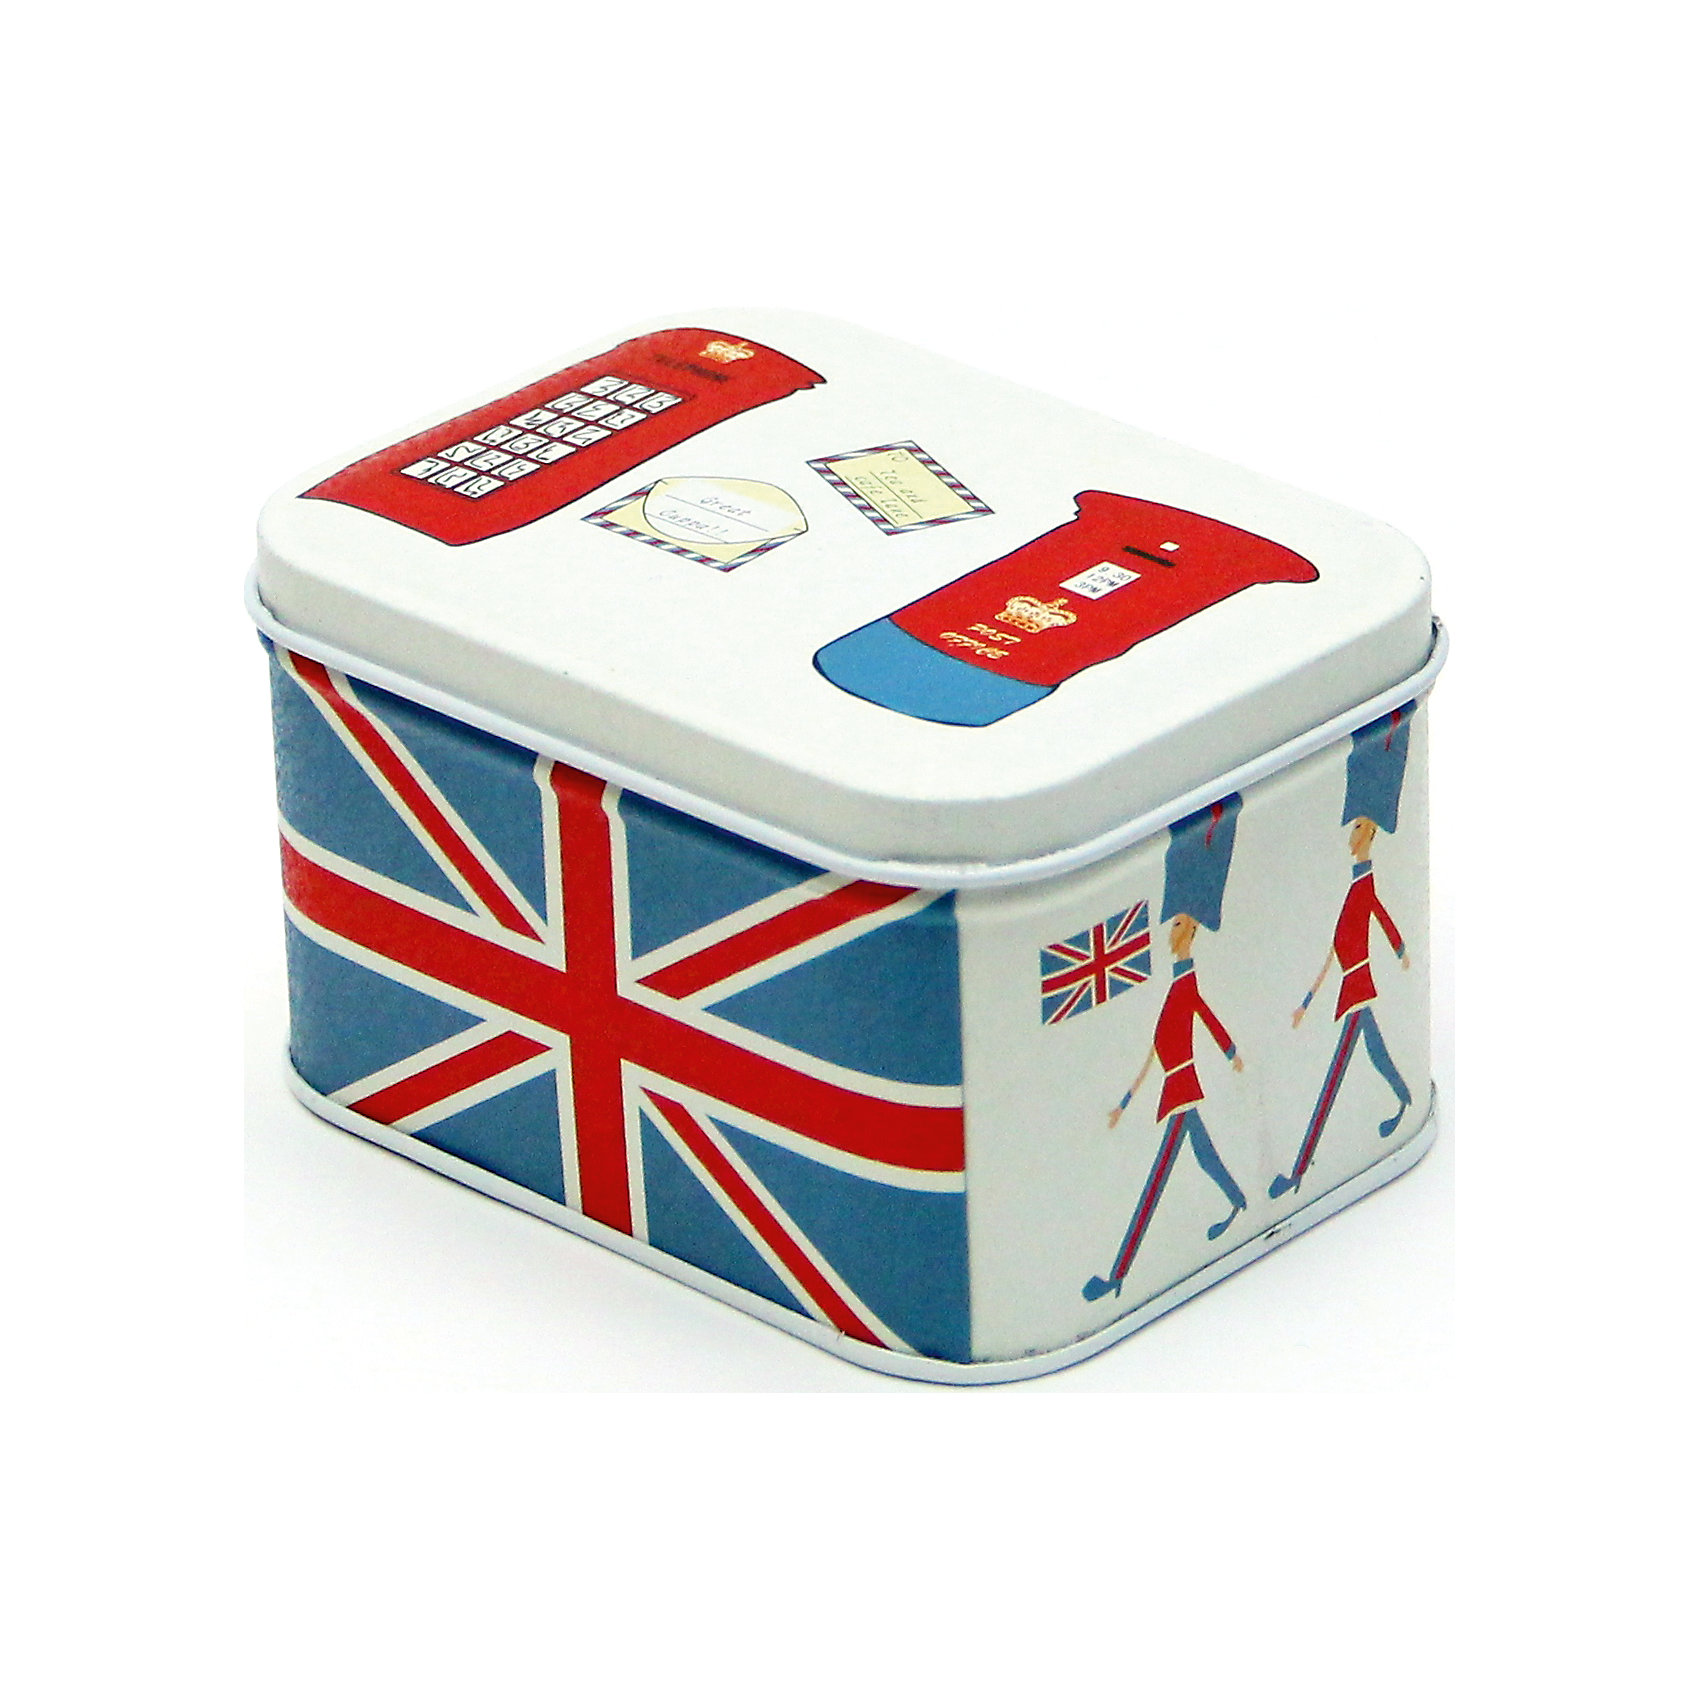 Коробка для мелочей Лондон 10,5*8*6 смПредметы интерьера<br>Удобная и практичная коробка для мелочей Лондон позволит компактно разместить различные мелочи и не тратить время на их поиски. Коробка выполнена из черного окрашенного металла и имеет оригинальный дизайн с изображением британского флага и характерными атрибутами британской столицы, оснащена откидной крышкой.<br><br>Дополнительная информация:<br><br>- Материал: черный окрашенный металл.<br>- Размер коробки: 10,5 х 8 х 6 см.<br>- Вес: 95 гр.<br><br>Коробку для мелочей Лондон, Феникс-презент, можно купить в нашем интернет-магазине.<br><br>Ширина мм: 60<br>Глубина мм: 80<br>Высота мм: 100<br>Вес г: 95<br>Возраст от месяцев: 36<br>Возраст до месяцев: 2147483647<br>Пол: Унисекс<br>Возраст: Детский<br>SKU: 4501175